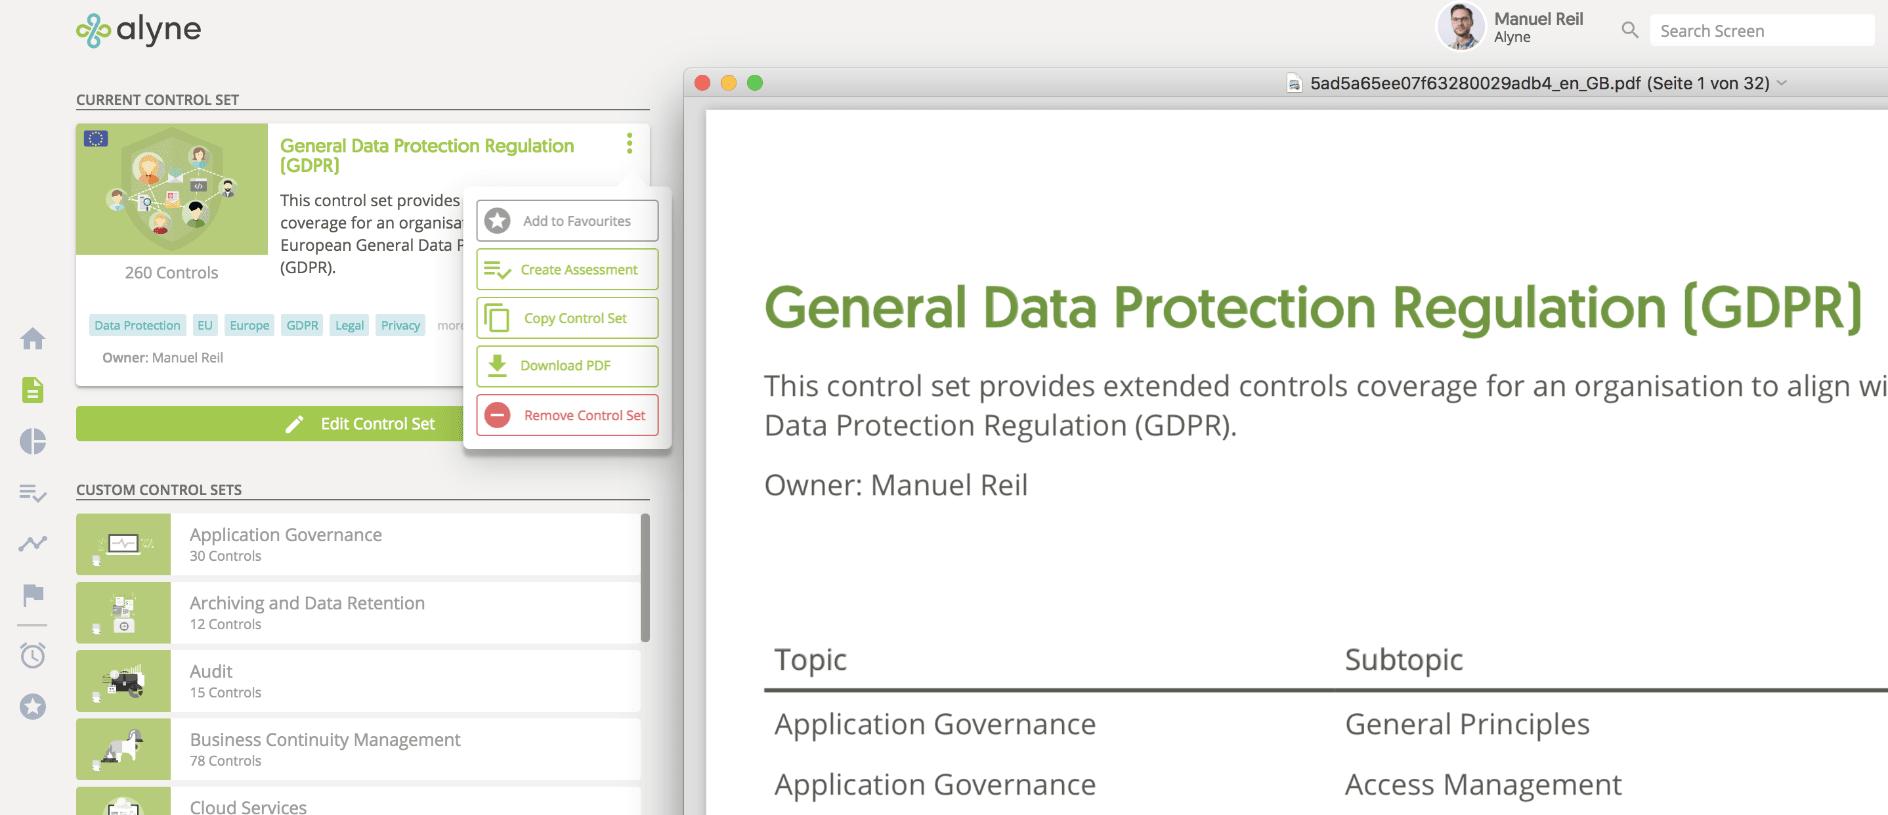 Control Set PDFs